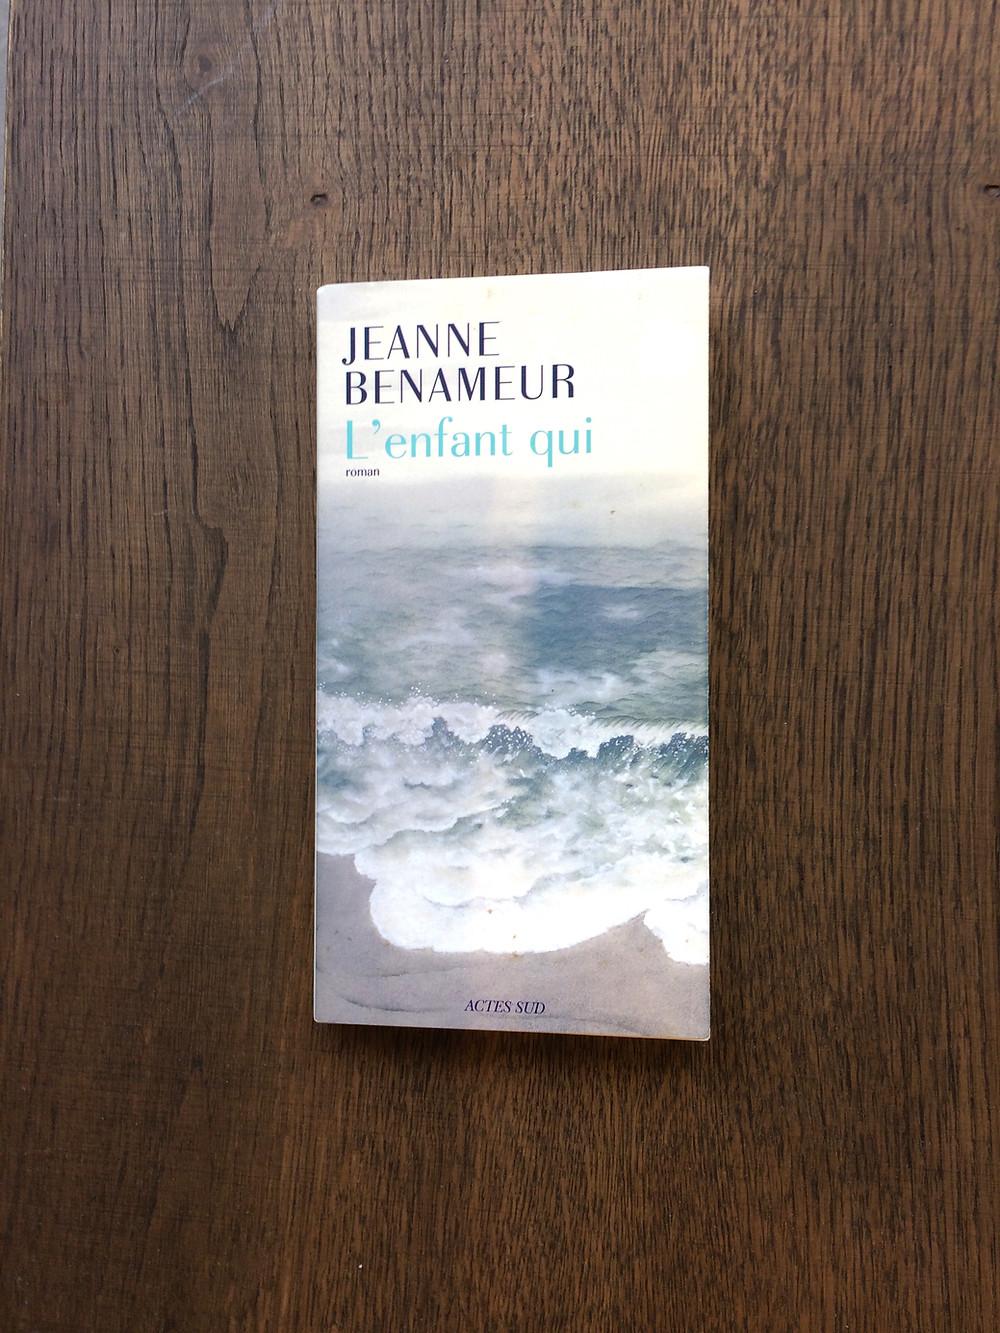 Photo du livre L'enfant qui, de Jeanne Benameur (1)